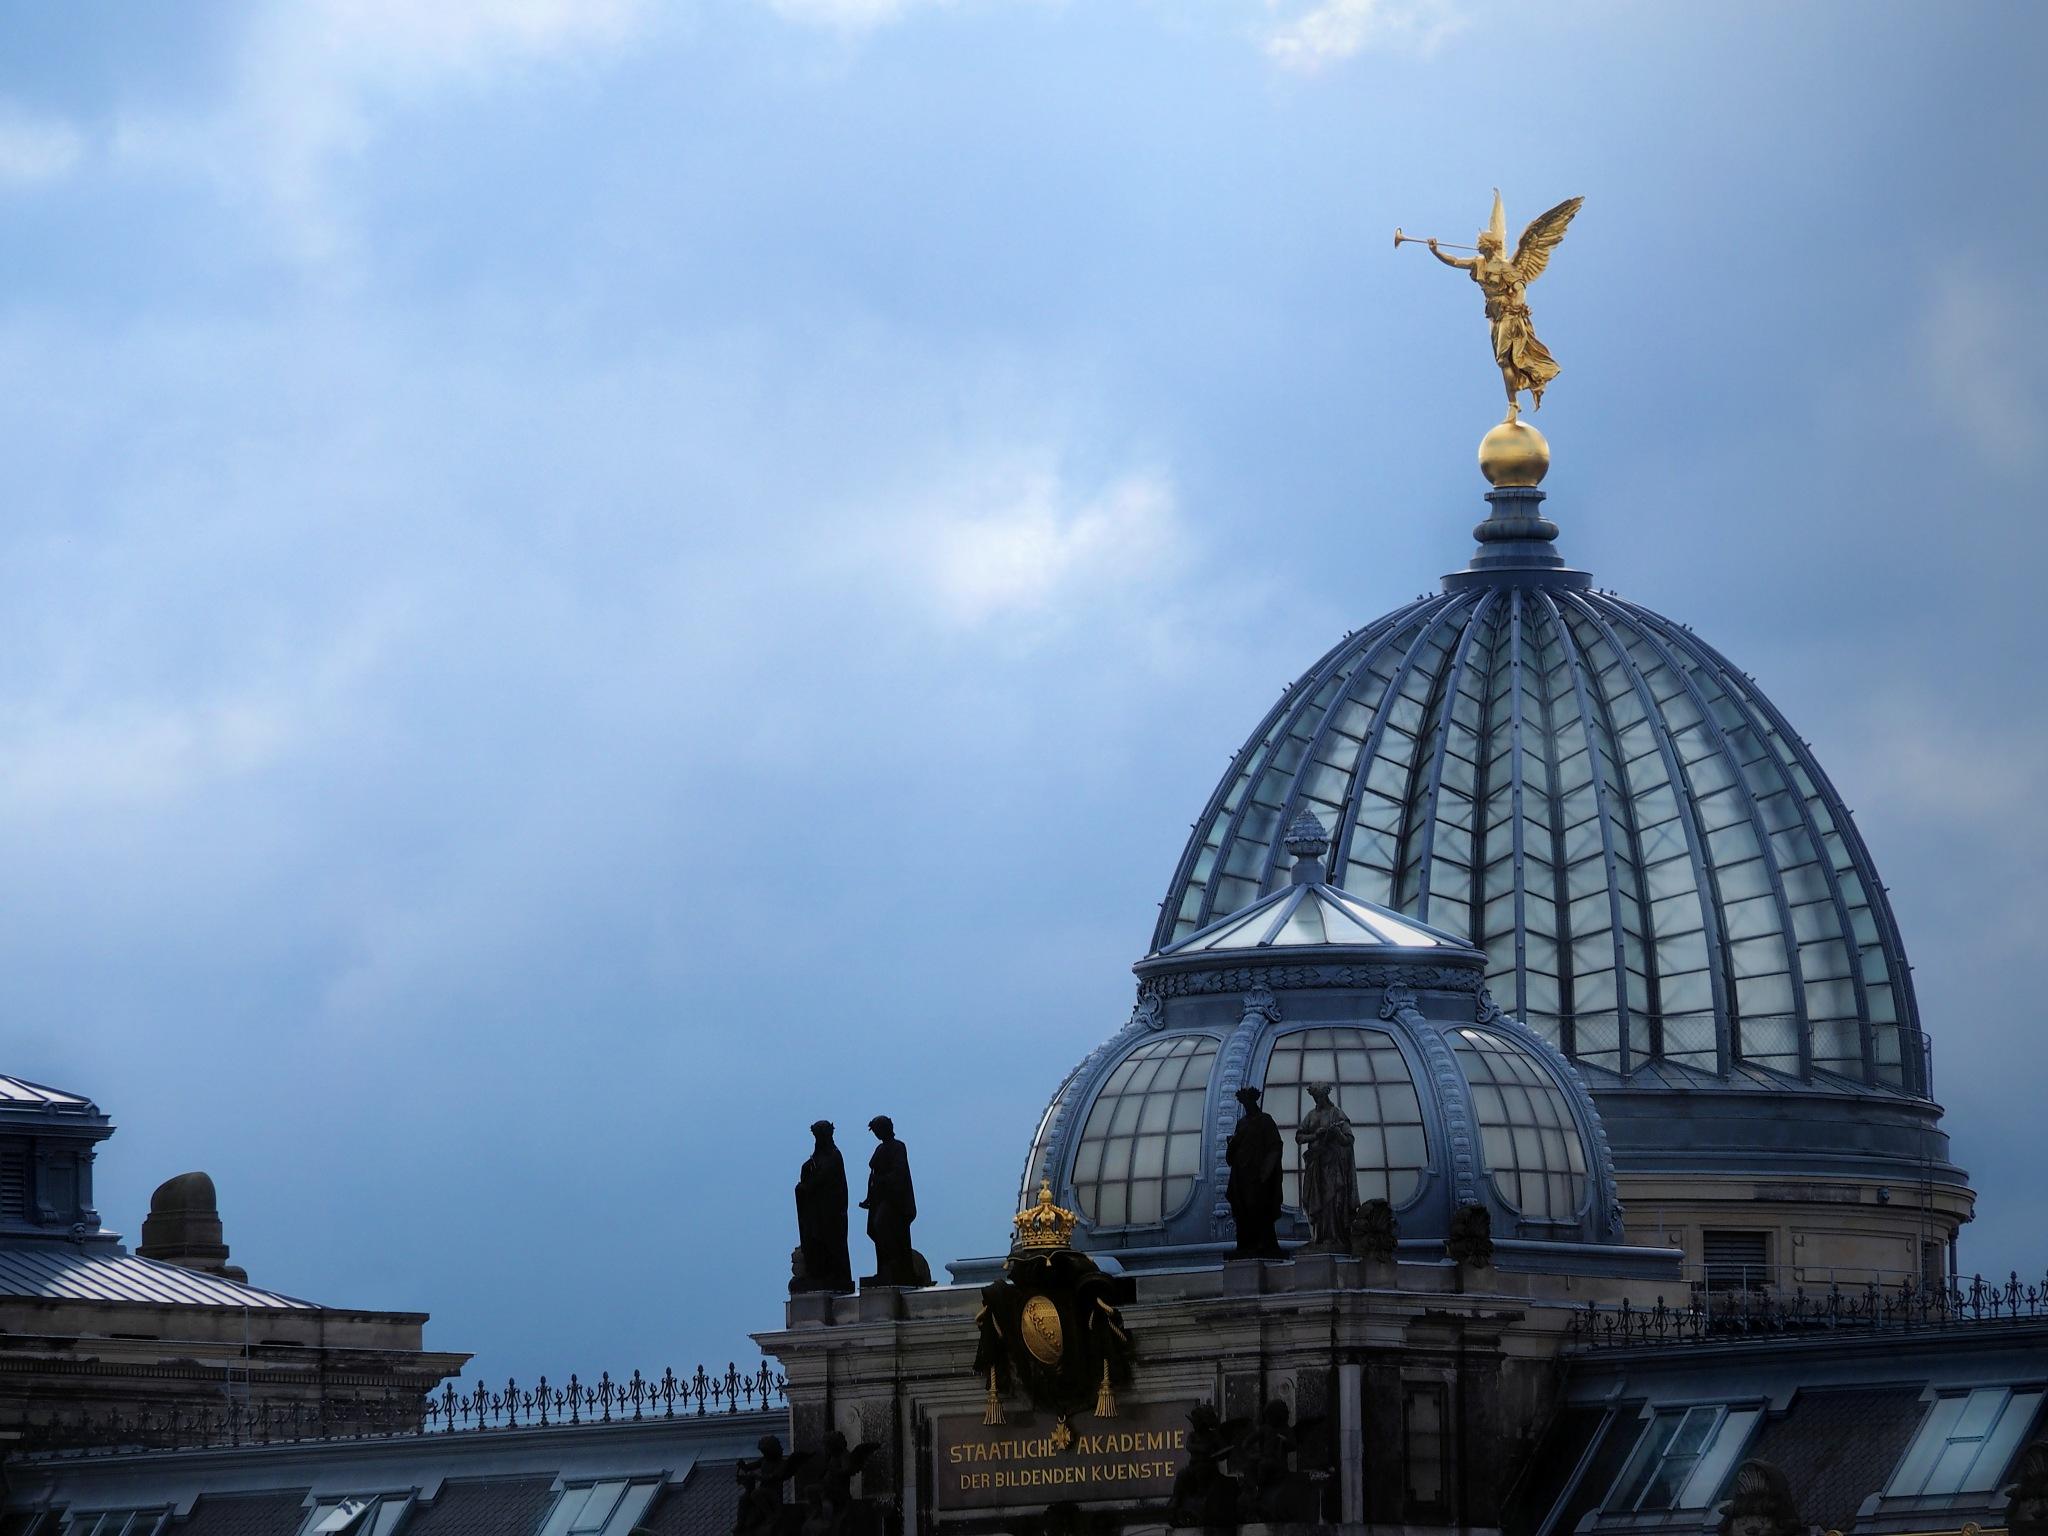 Dresden - Akademie der Bildenden Künste by Brigitte Bohlscheid